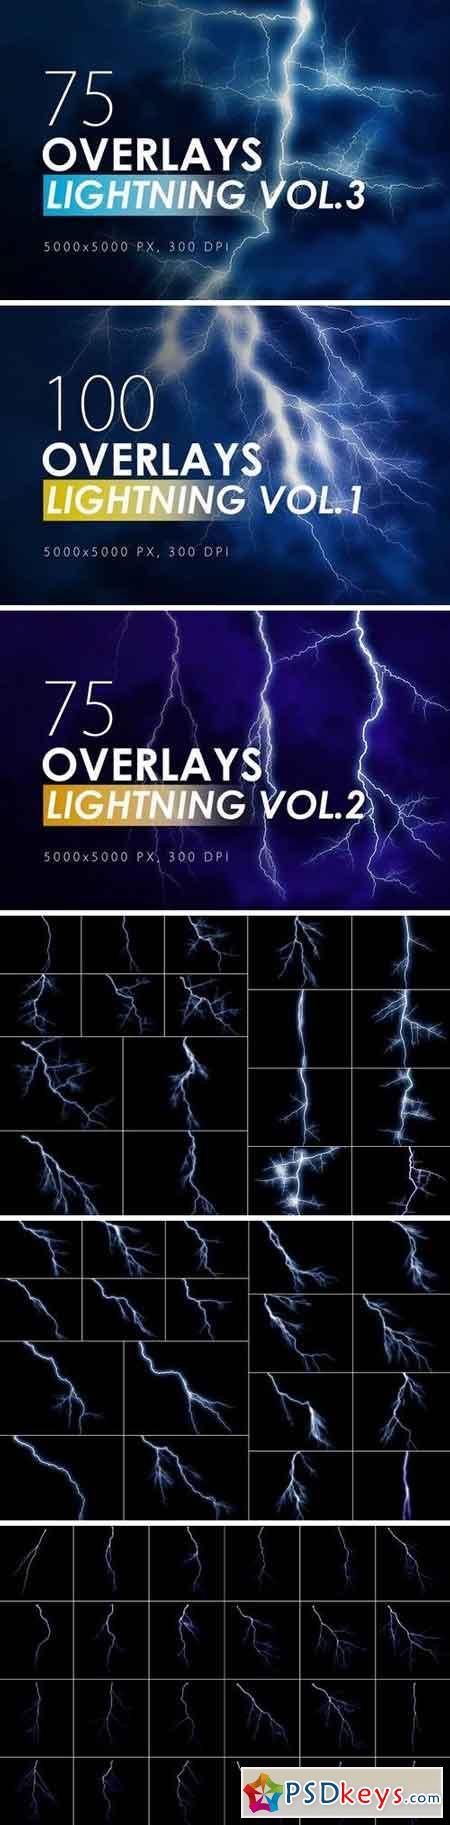 100 Lightning Overlays Bundle